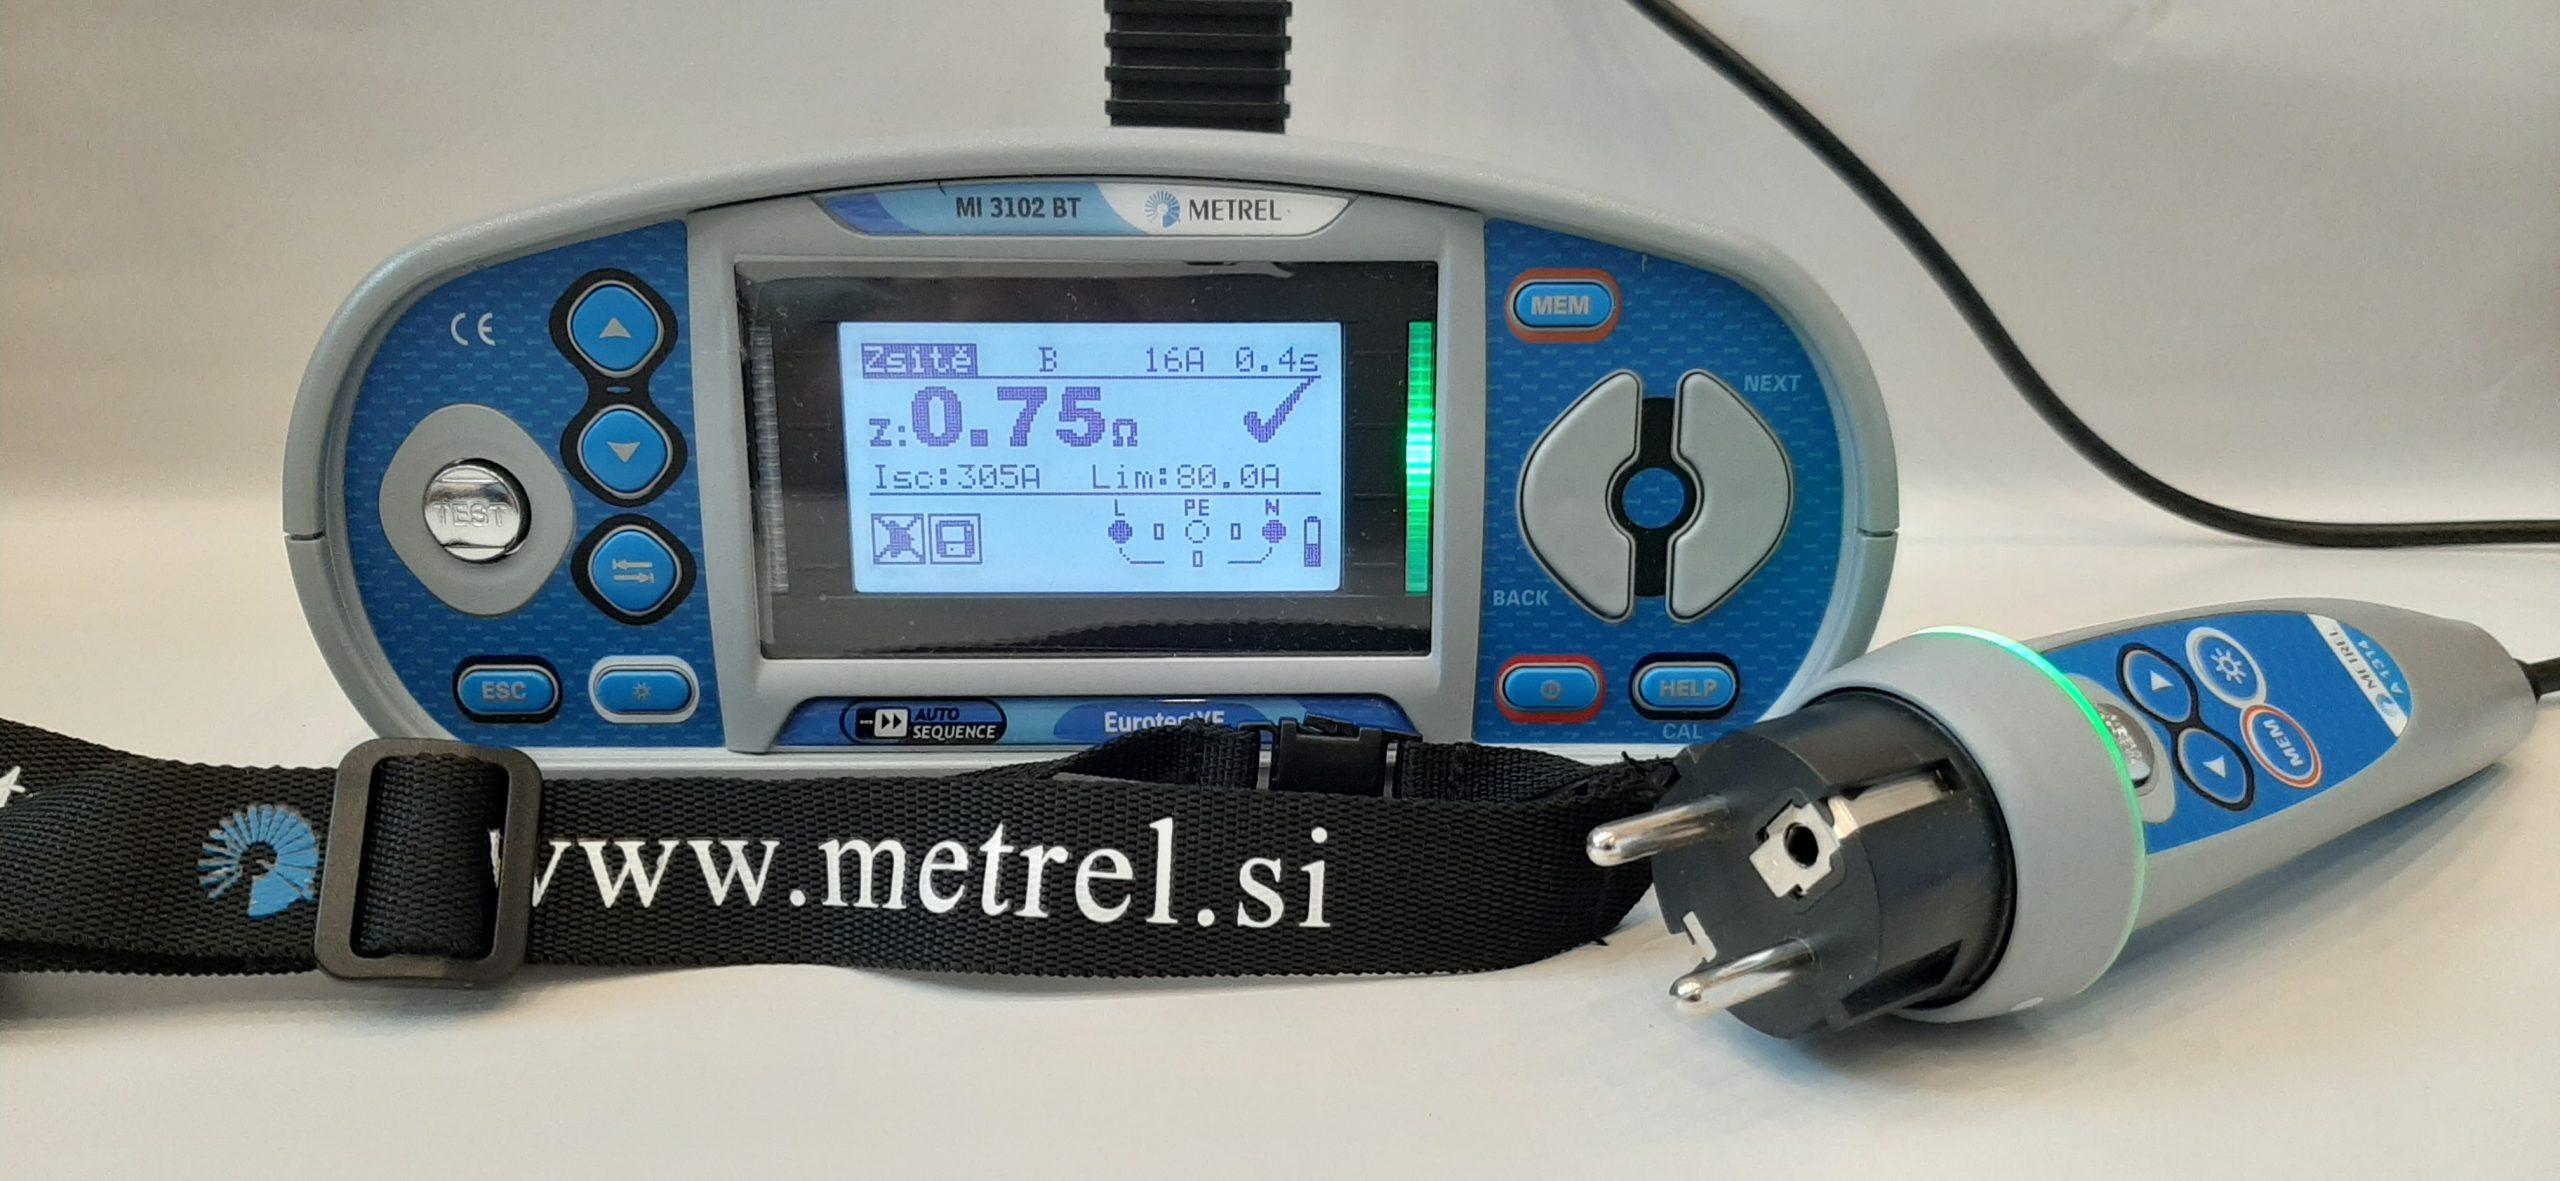 Merací prístroj METREL MI 3102 BT - združený revízny prístroj vhodný na výkon revízie